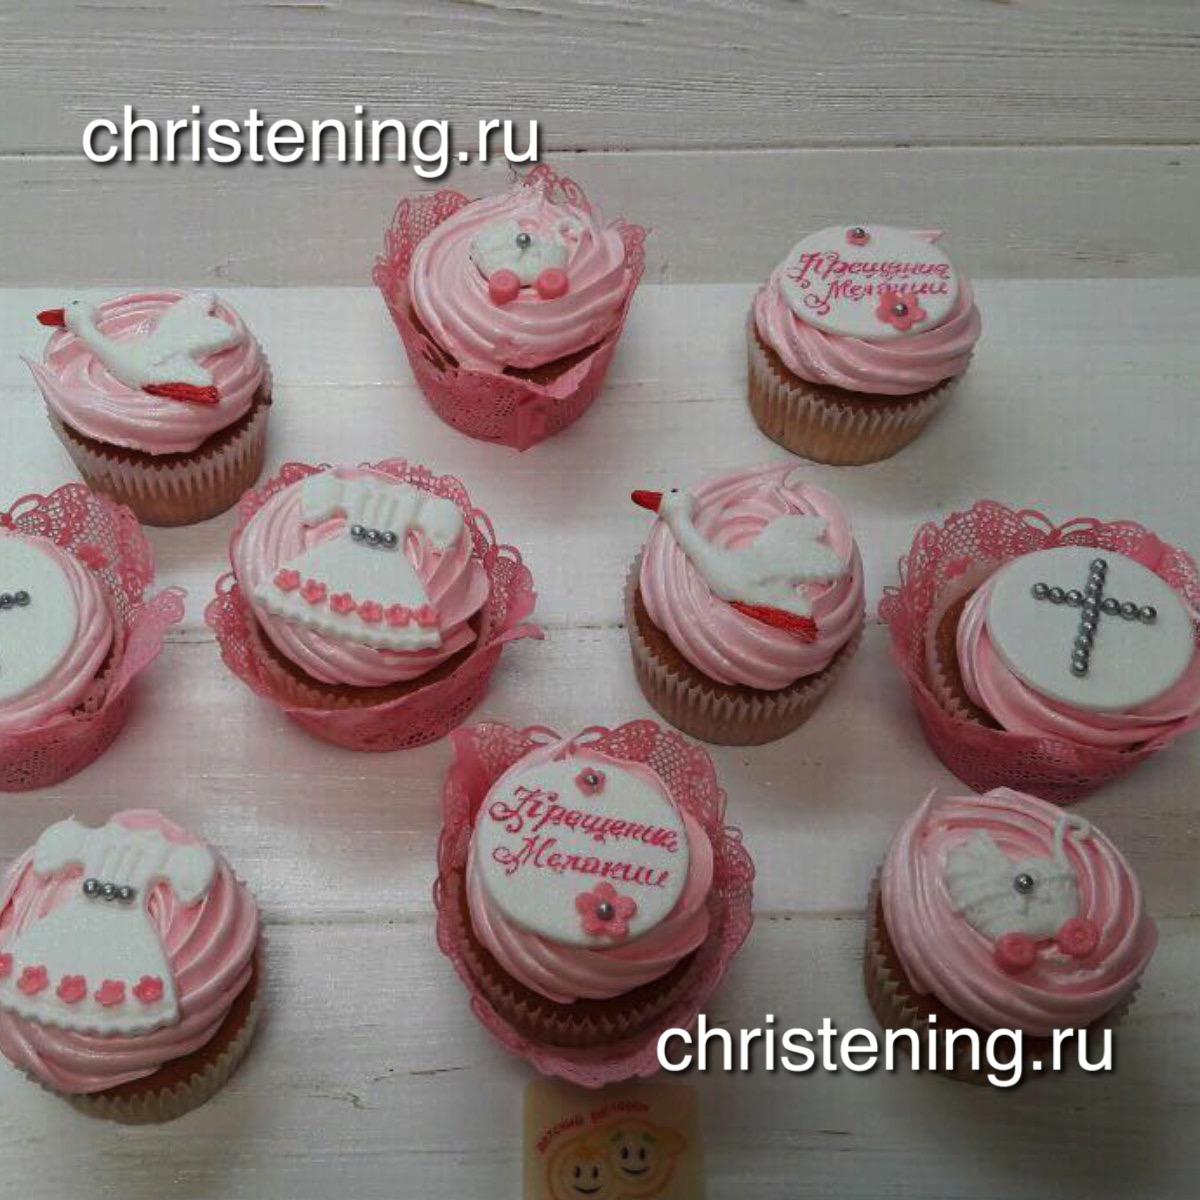 кексы крестильные на крестины фото